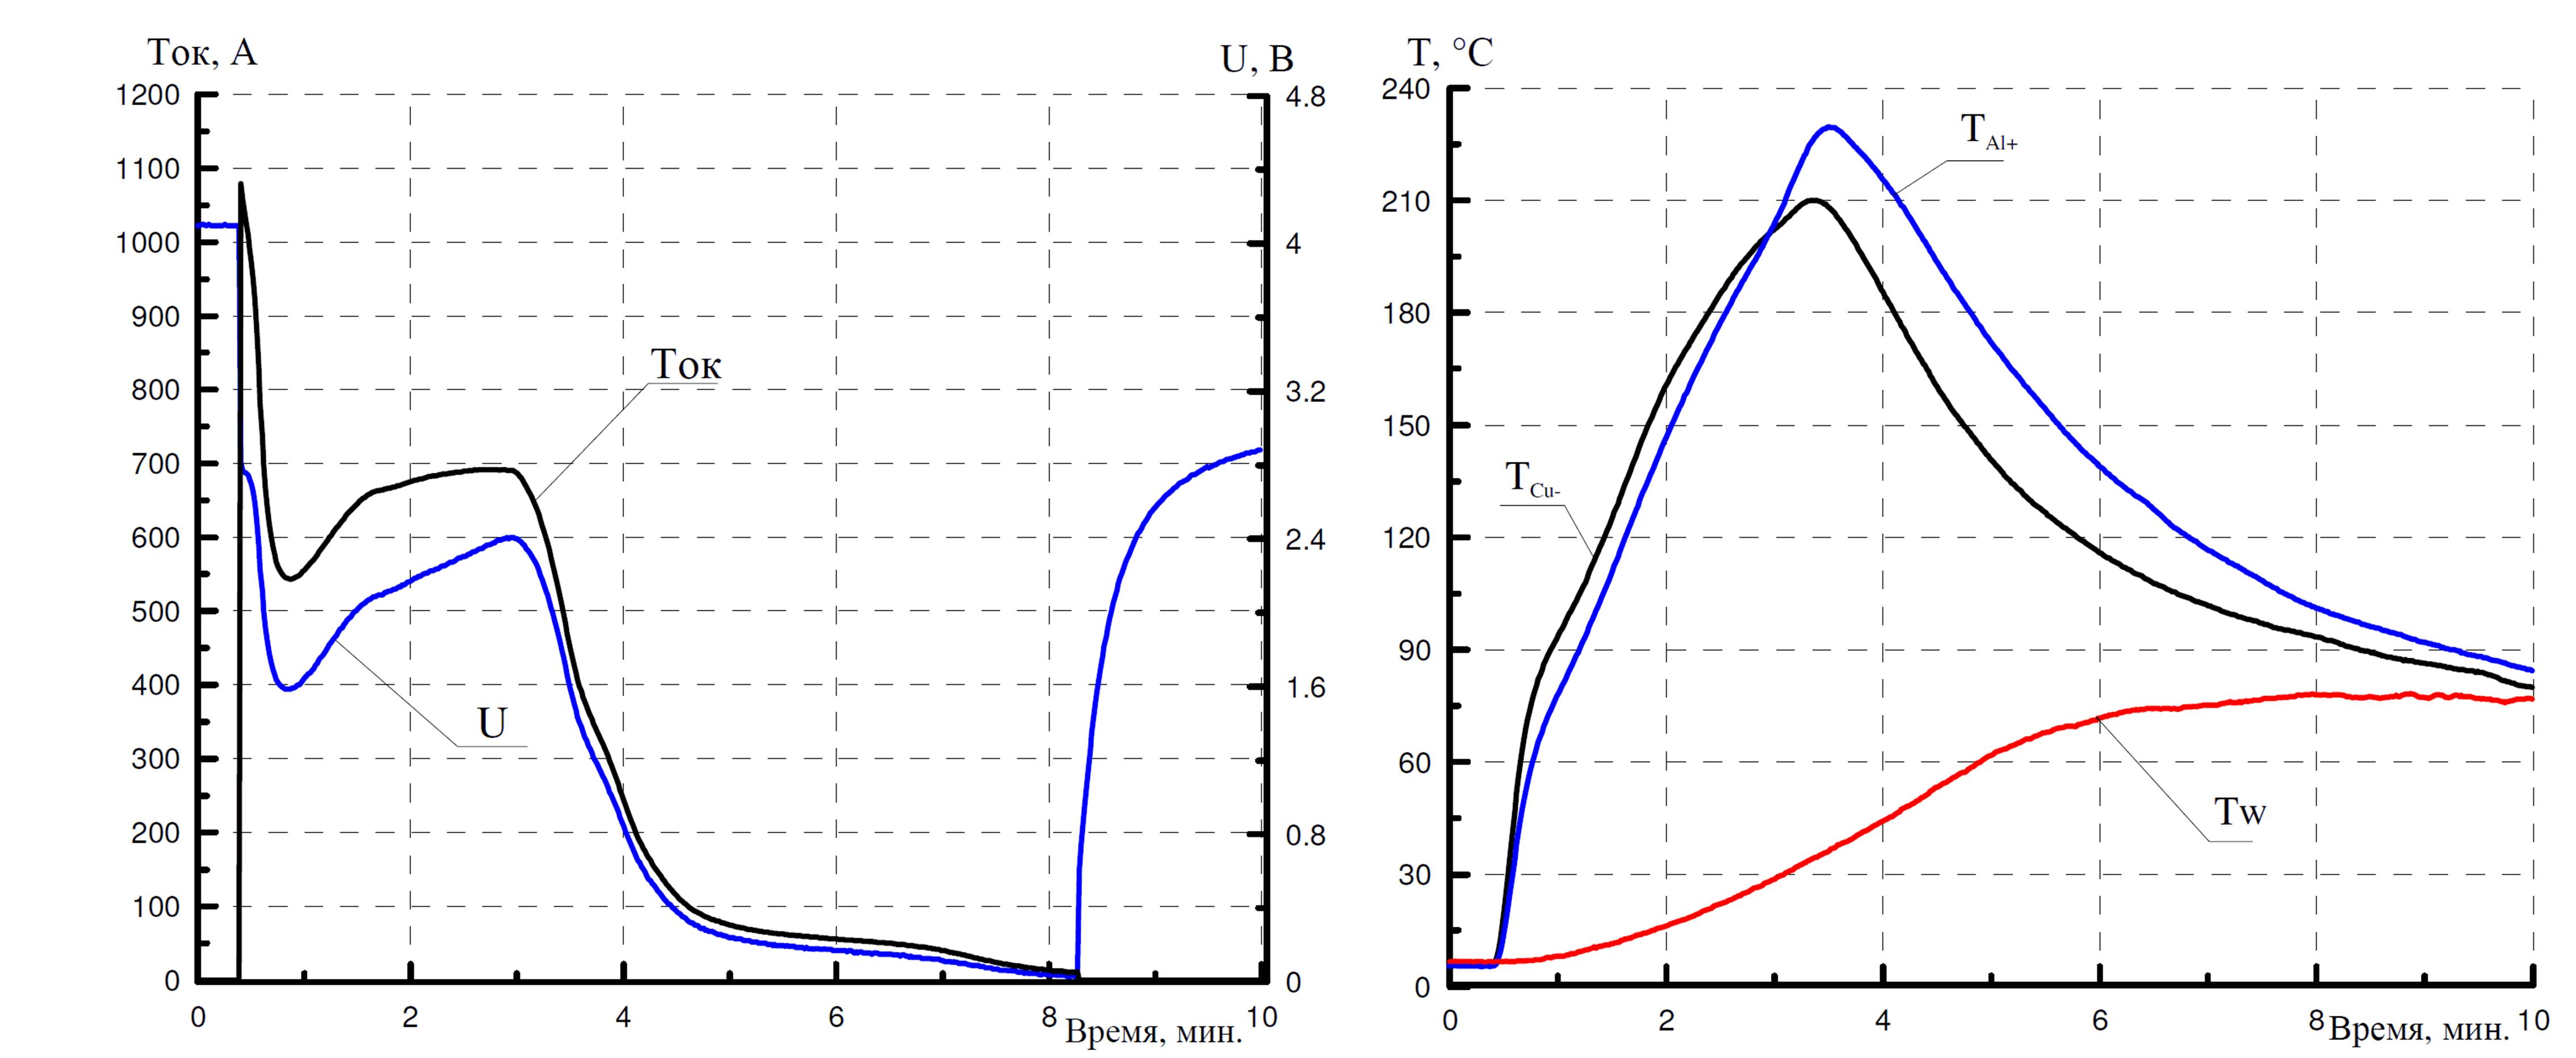 Исследования литий-ионных аккумуляторов космического ...: http://www.lcard.ru/portfolio/li-ion_battery_test